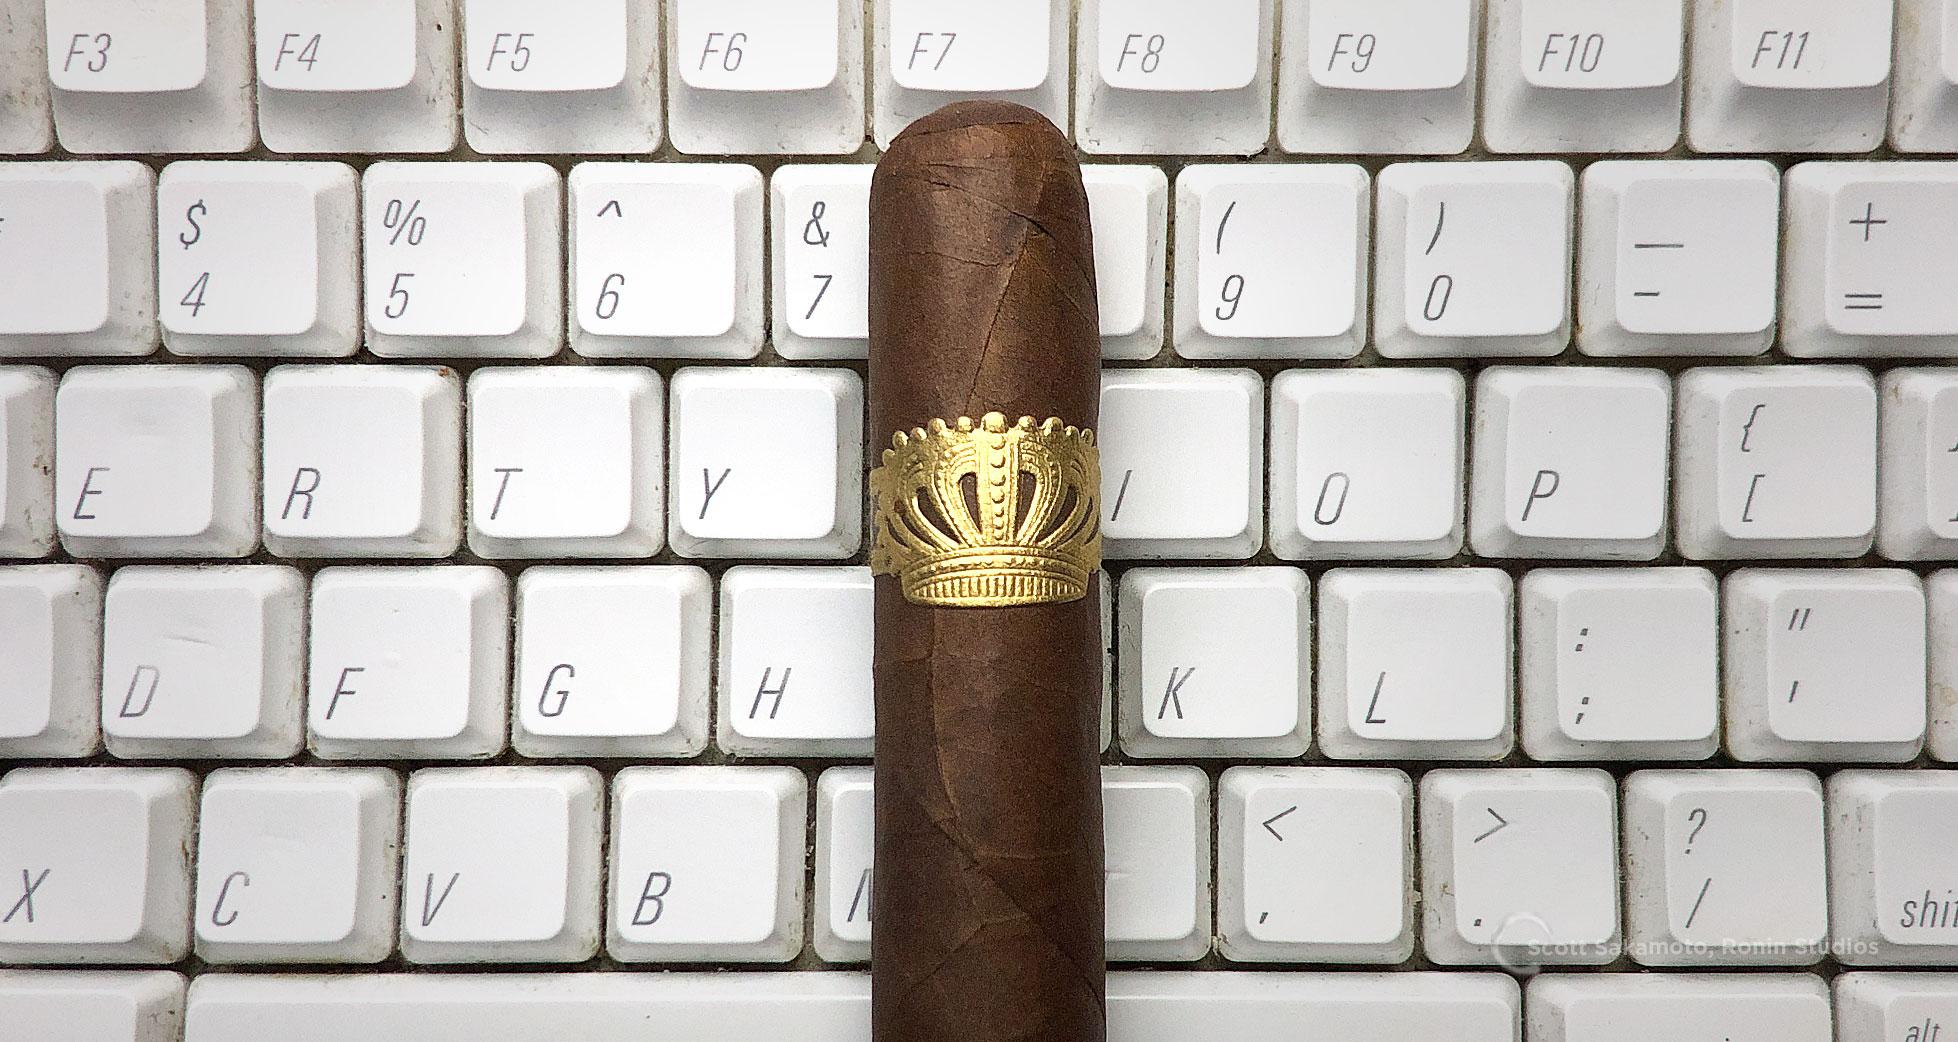 Dunbarton Tobacco and Trust, Ecuador La Meca Ecuador Habano Grade 1, Sobremesa, Steve Saka